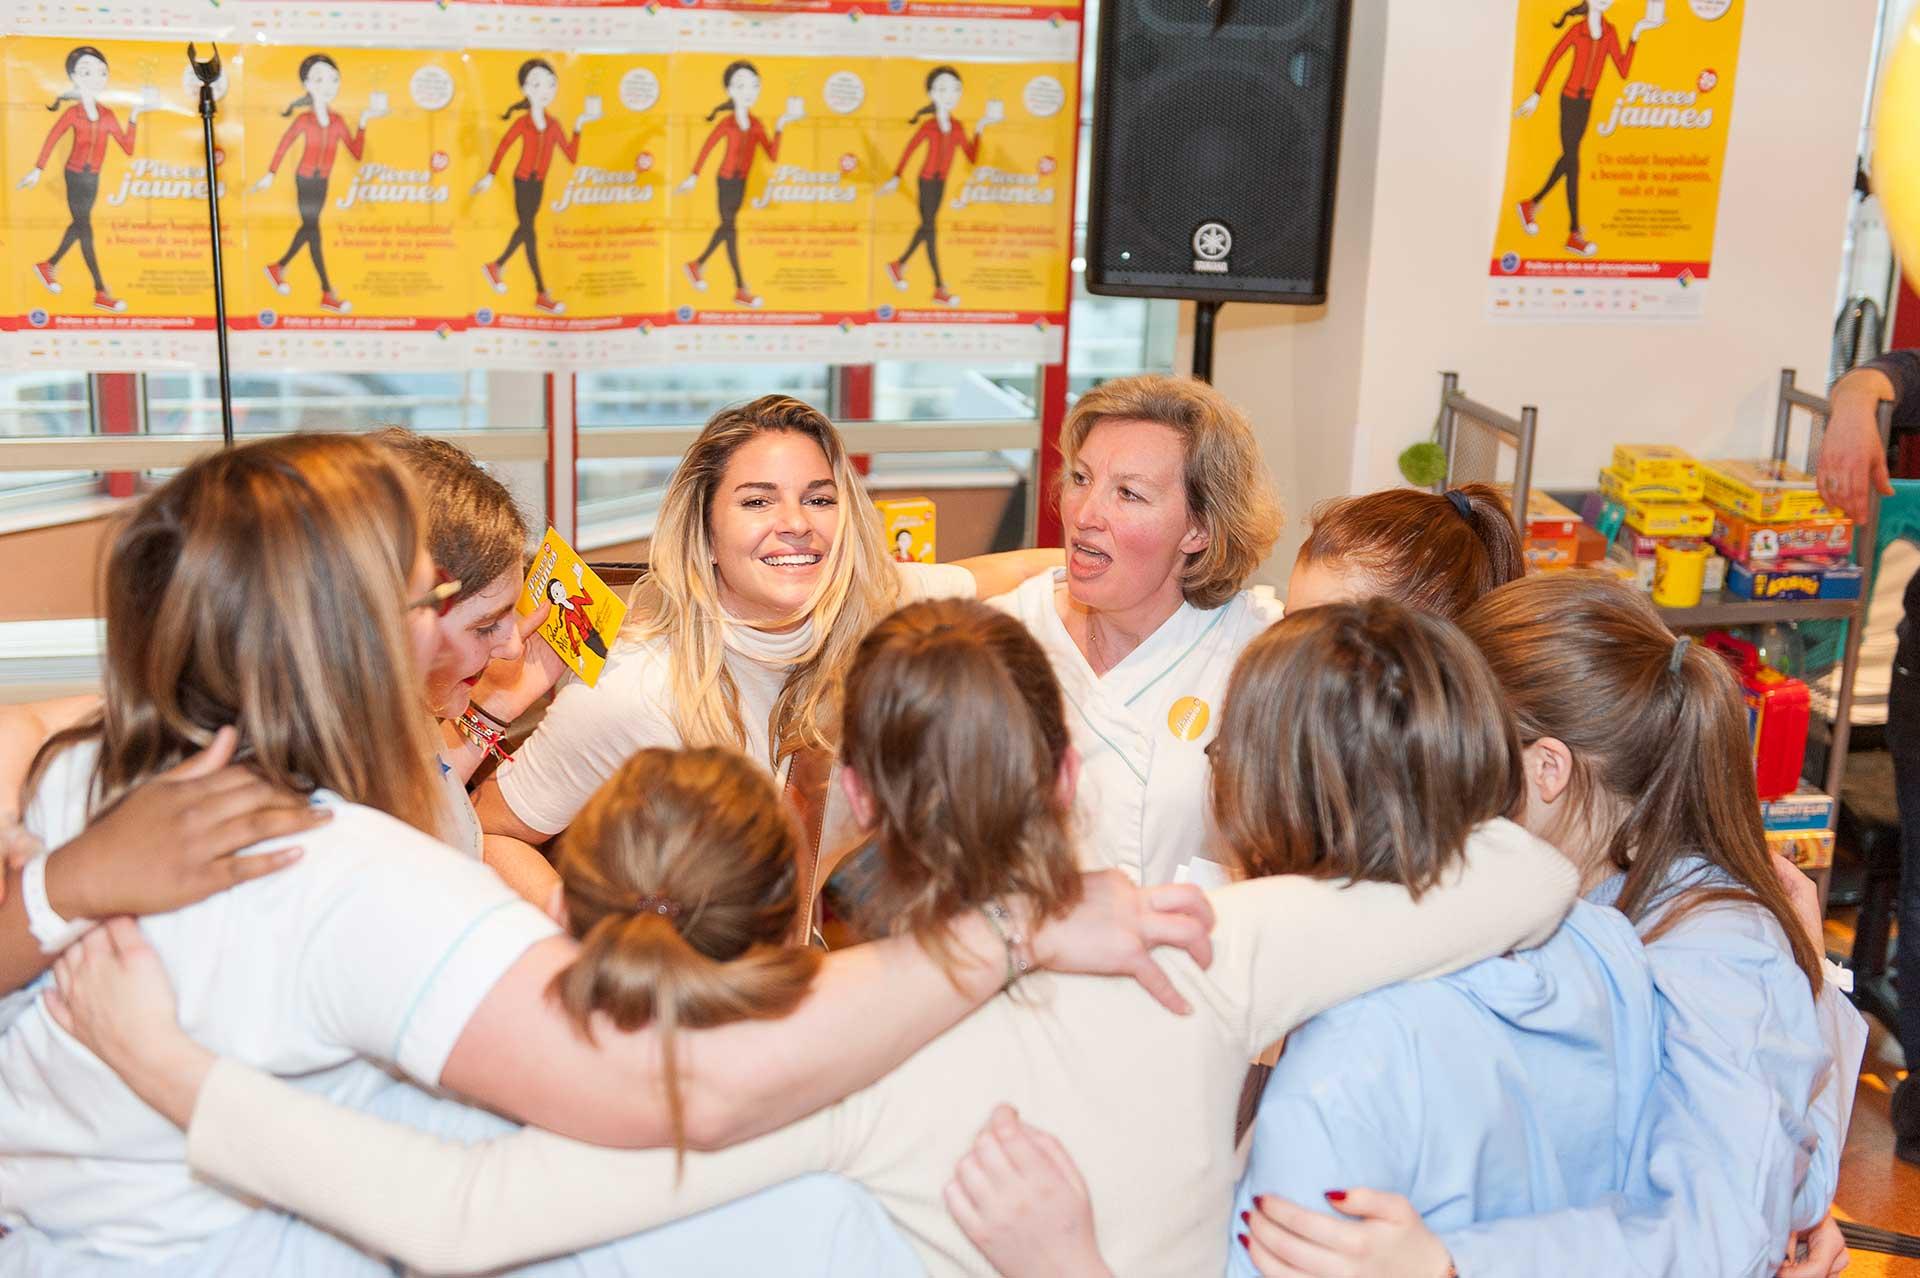 Sophie tapie est en train de danser avec des patients et des soignants à l'occasion de l'inauguration de l'hôpital de jour de médecine de l'adolescent